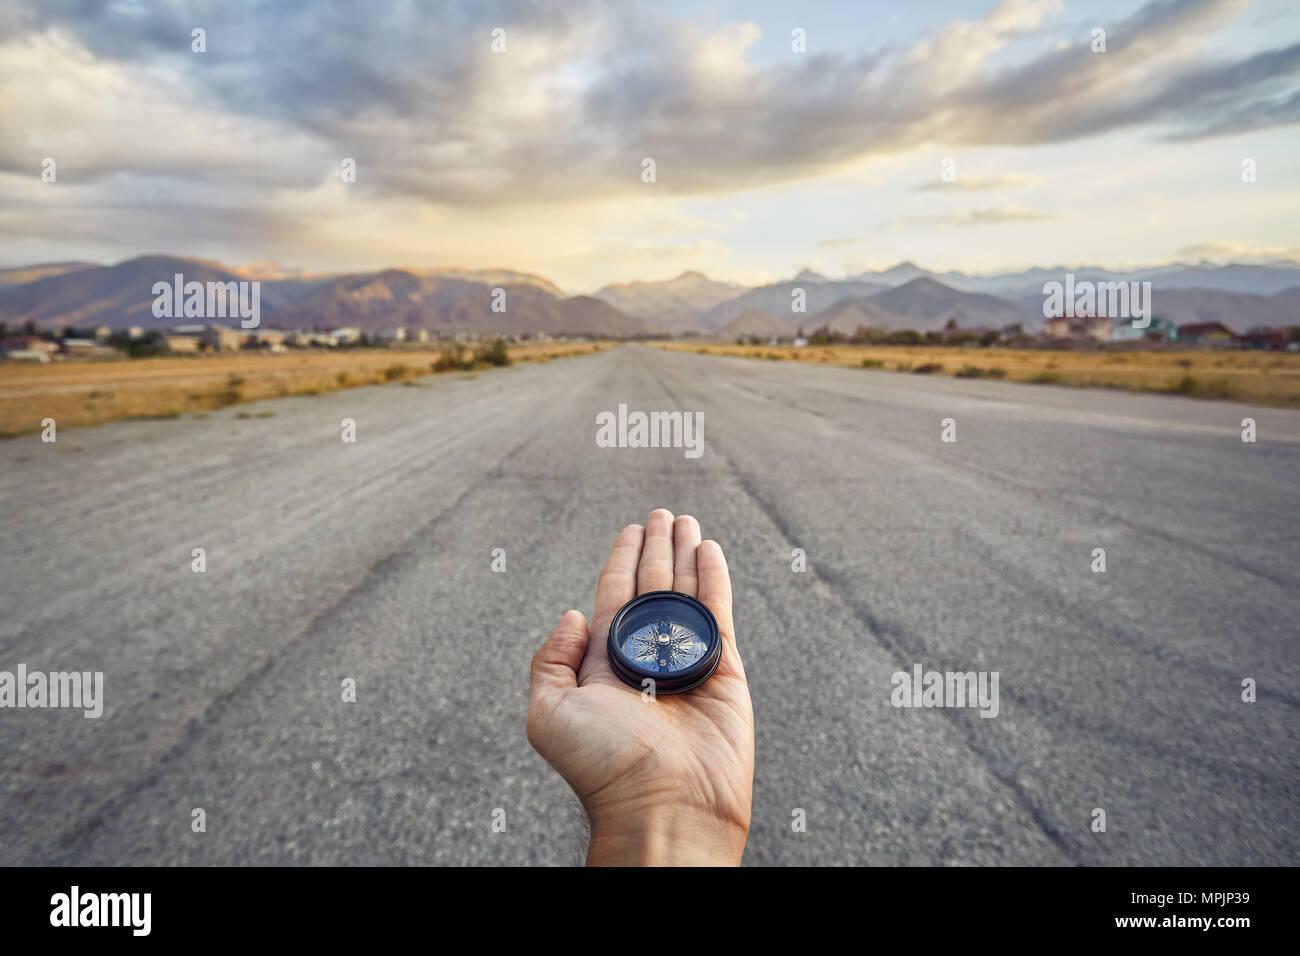 Traveler holding Kompass auf der Straße mit Bergen bei Sonnenaufgang Himmel Hintergrund. Reisen und Abenteuer. Stockbild